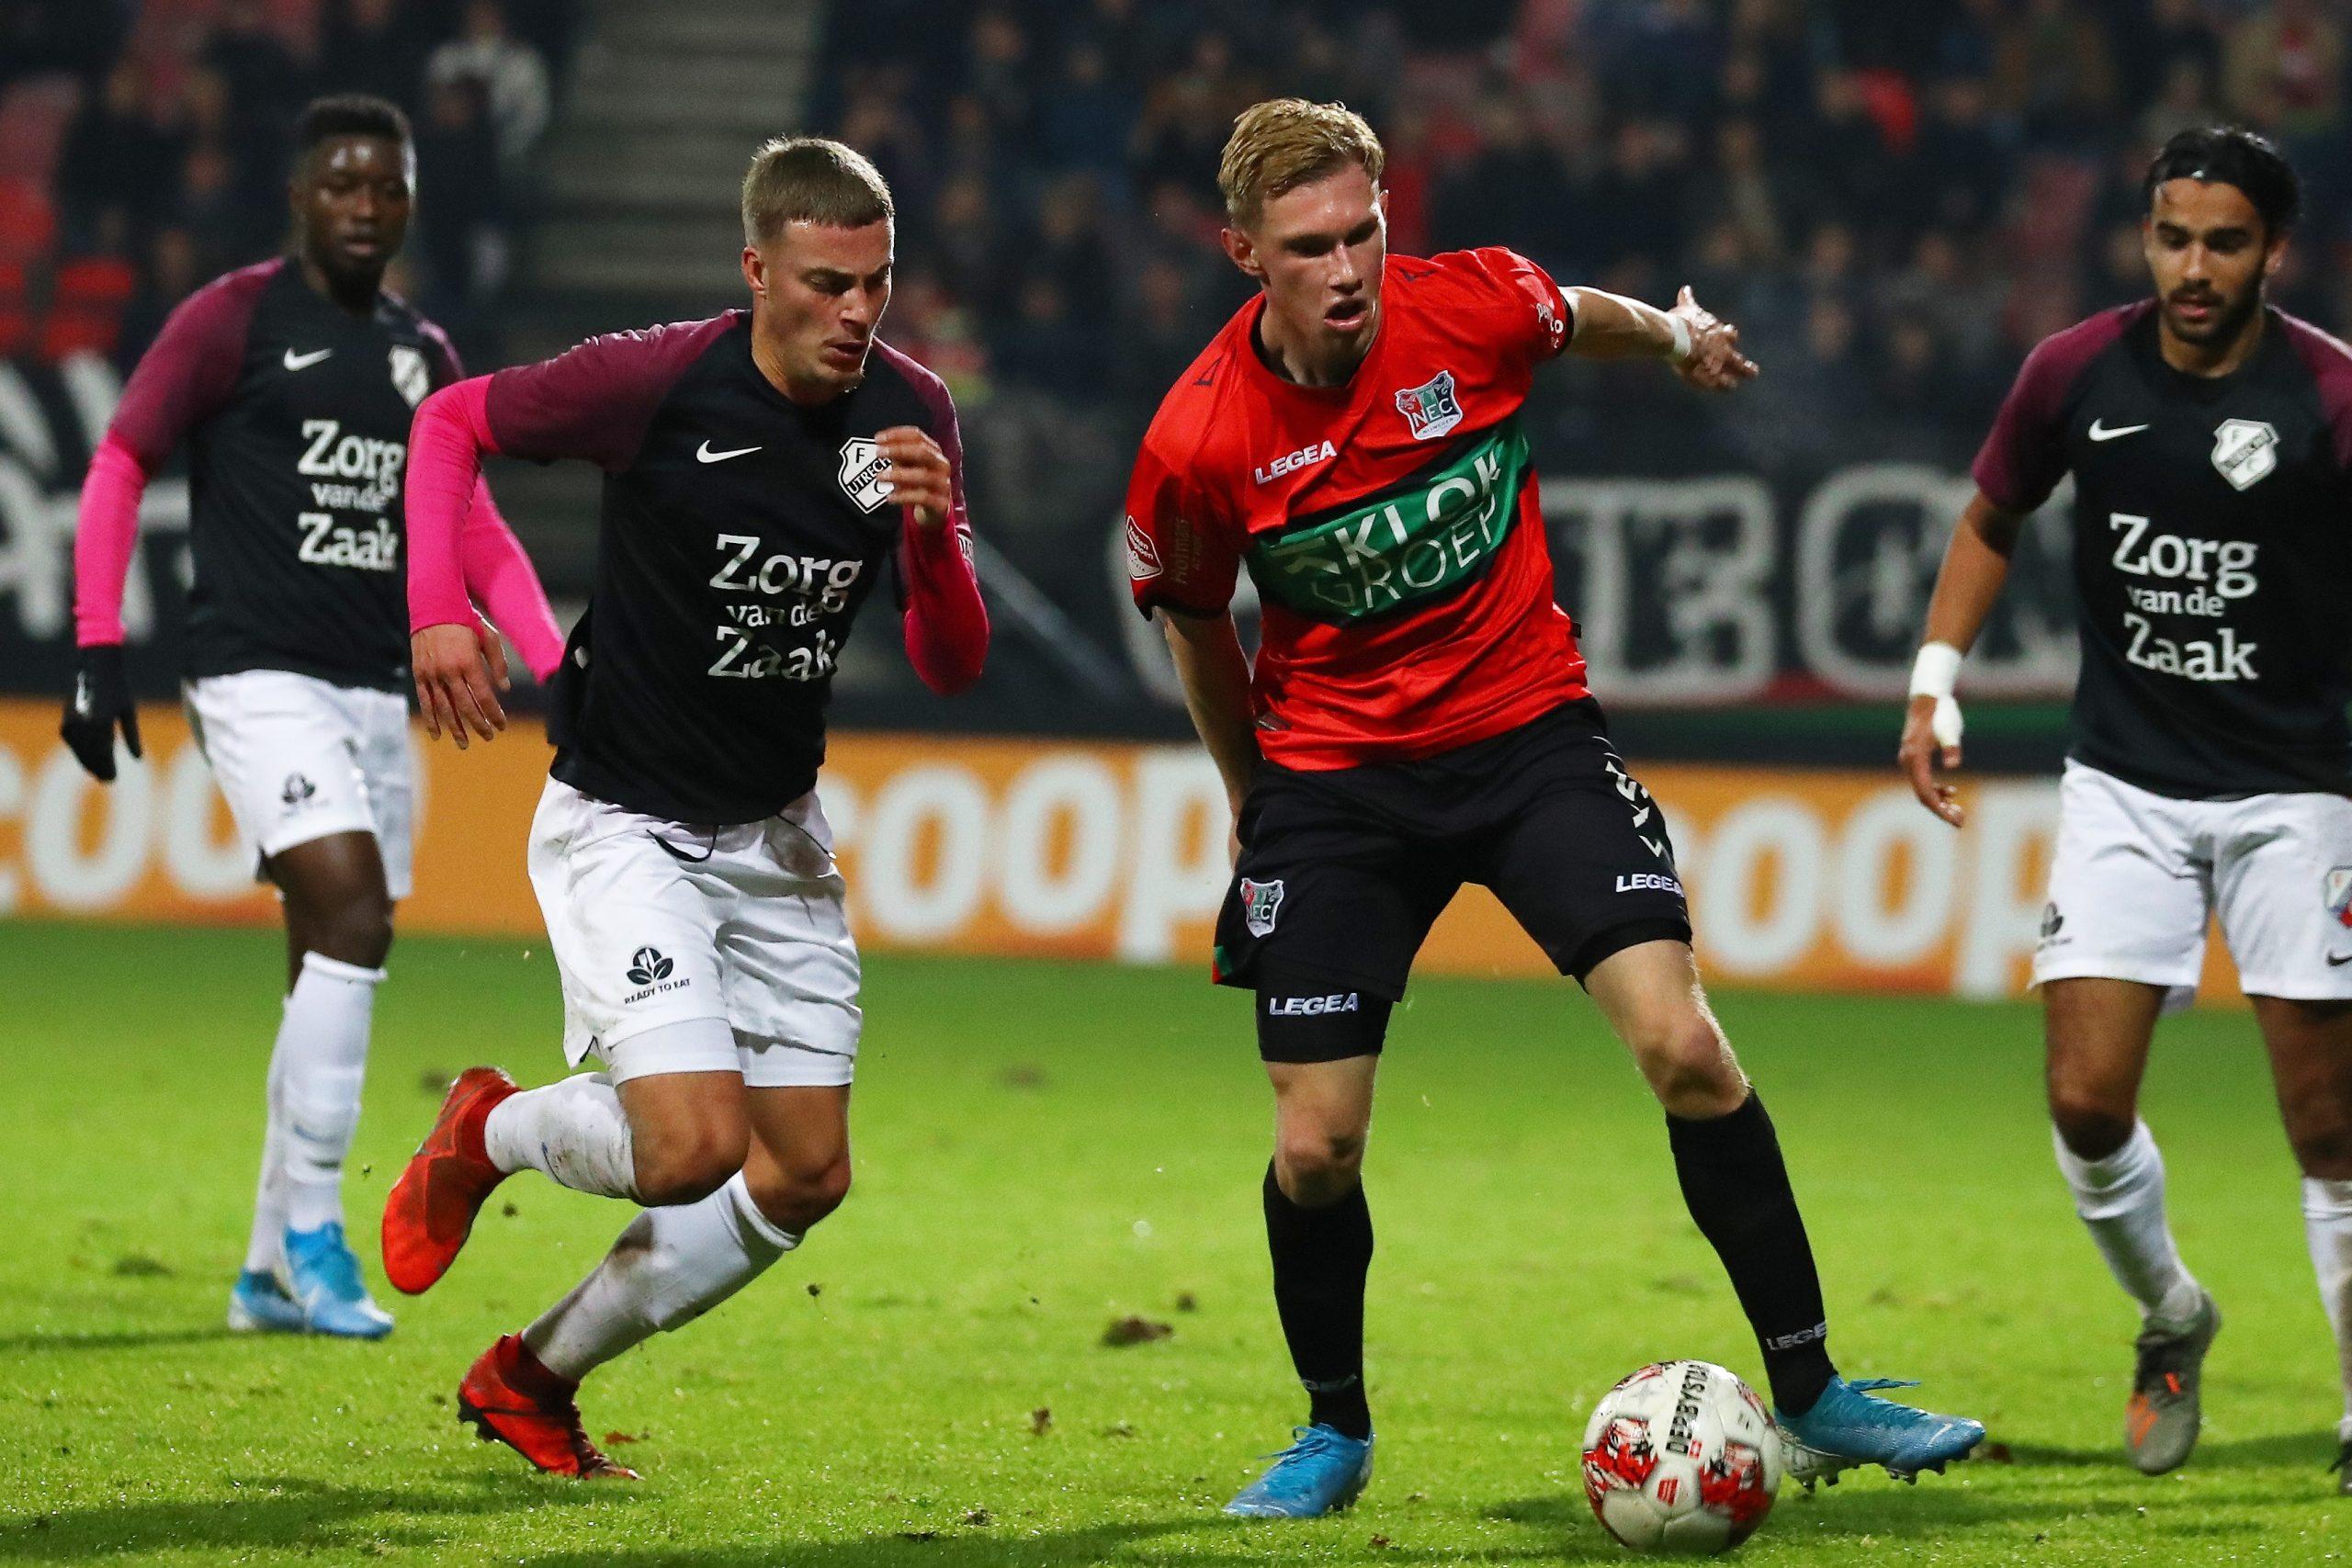 Voorbeschouwing: Jong FC Utrecht lijkt de ideale tegenstander voor NEC